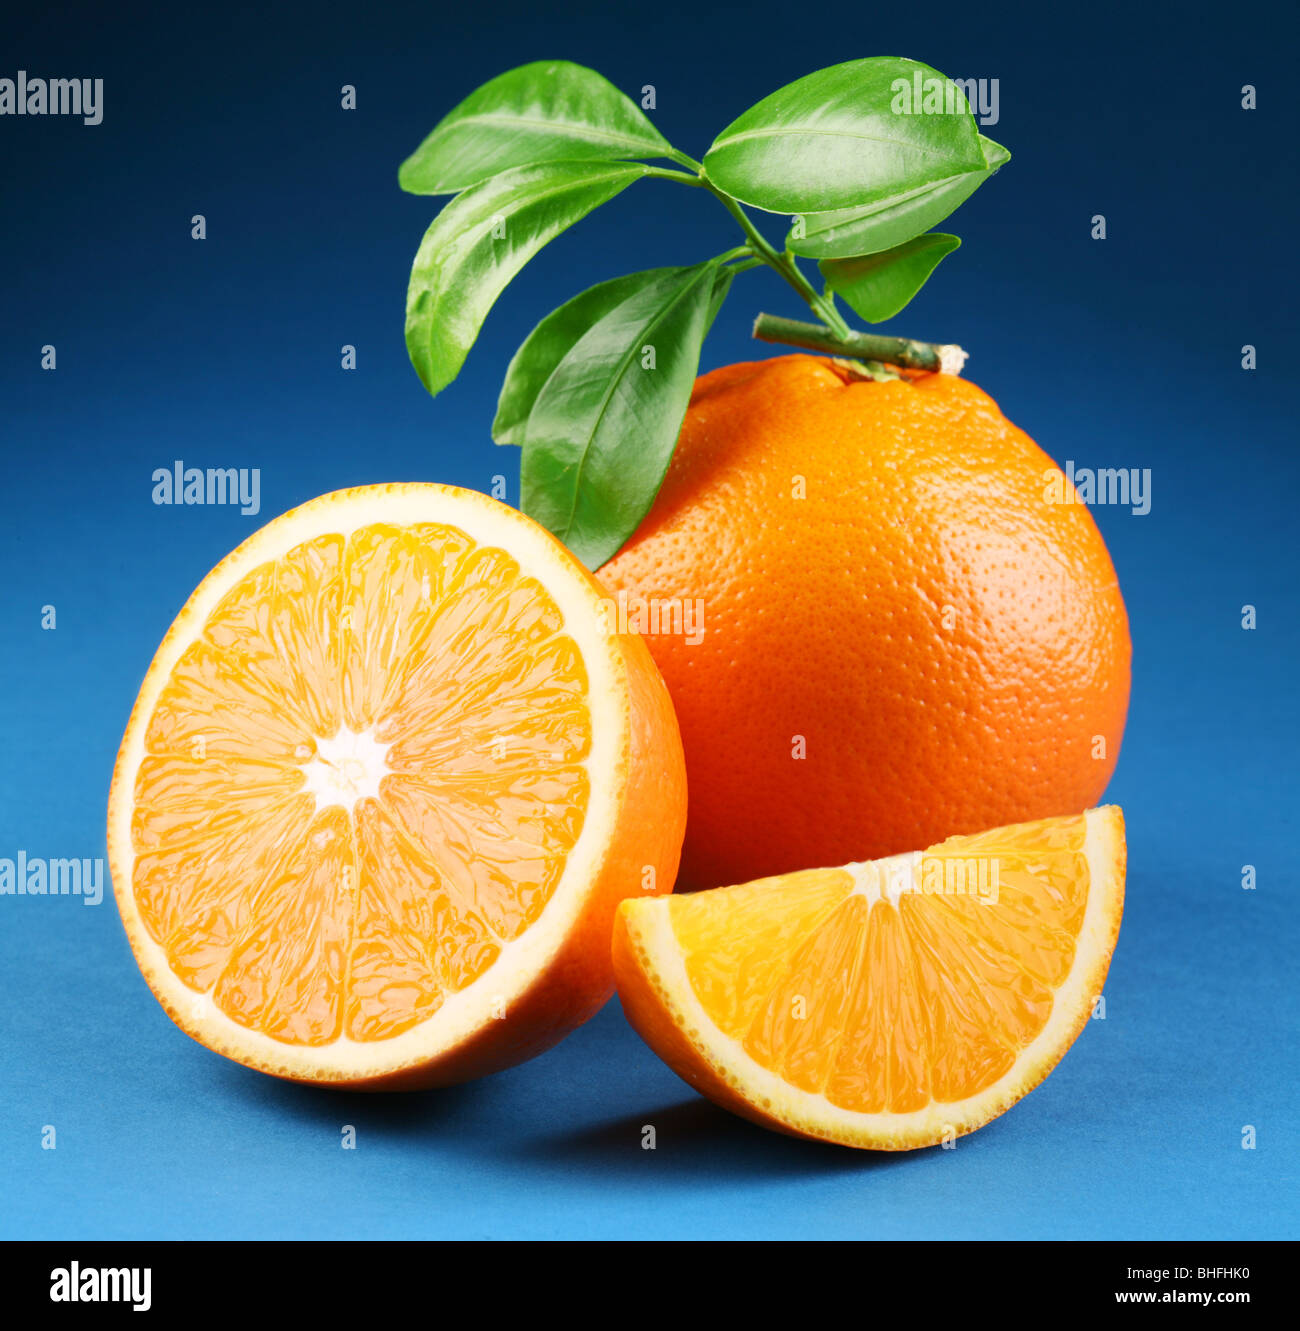 Ripe orange on a blue background - Stock Image